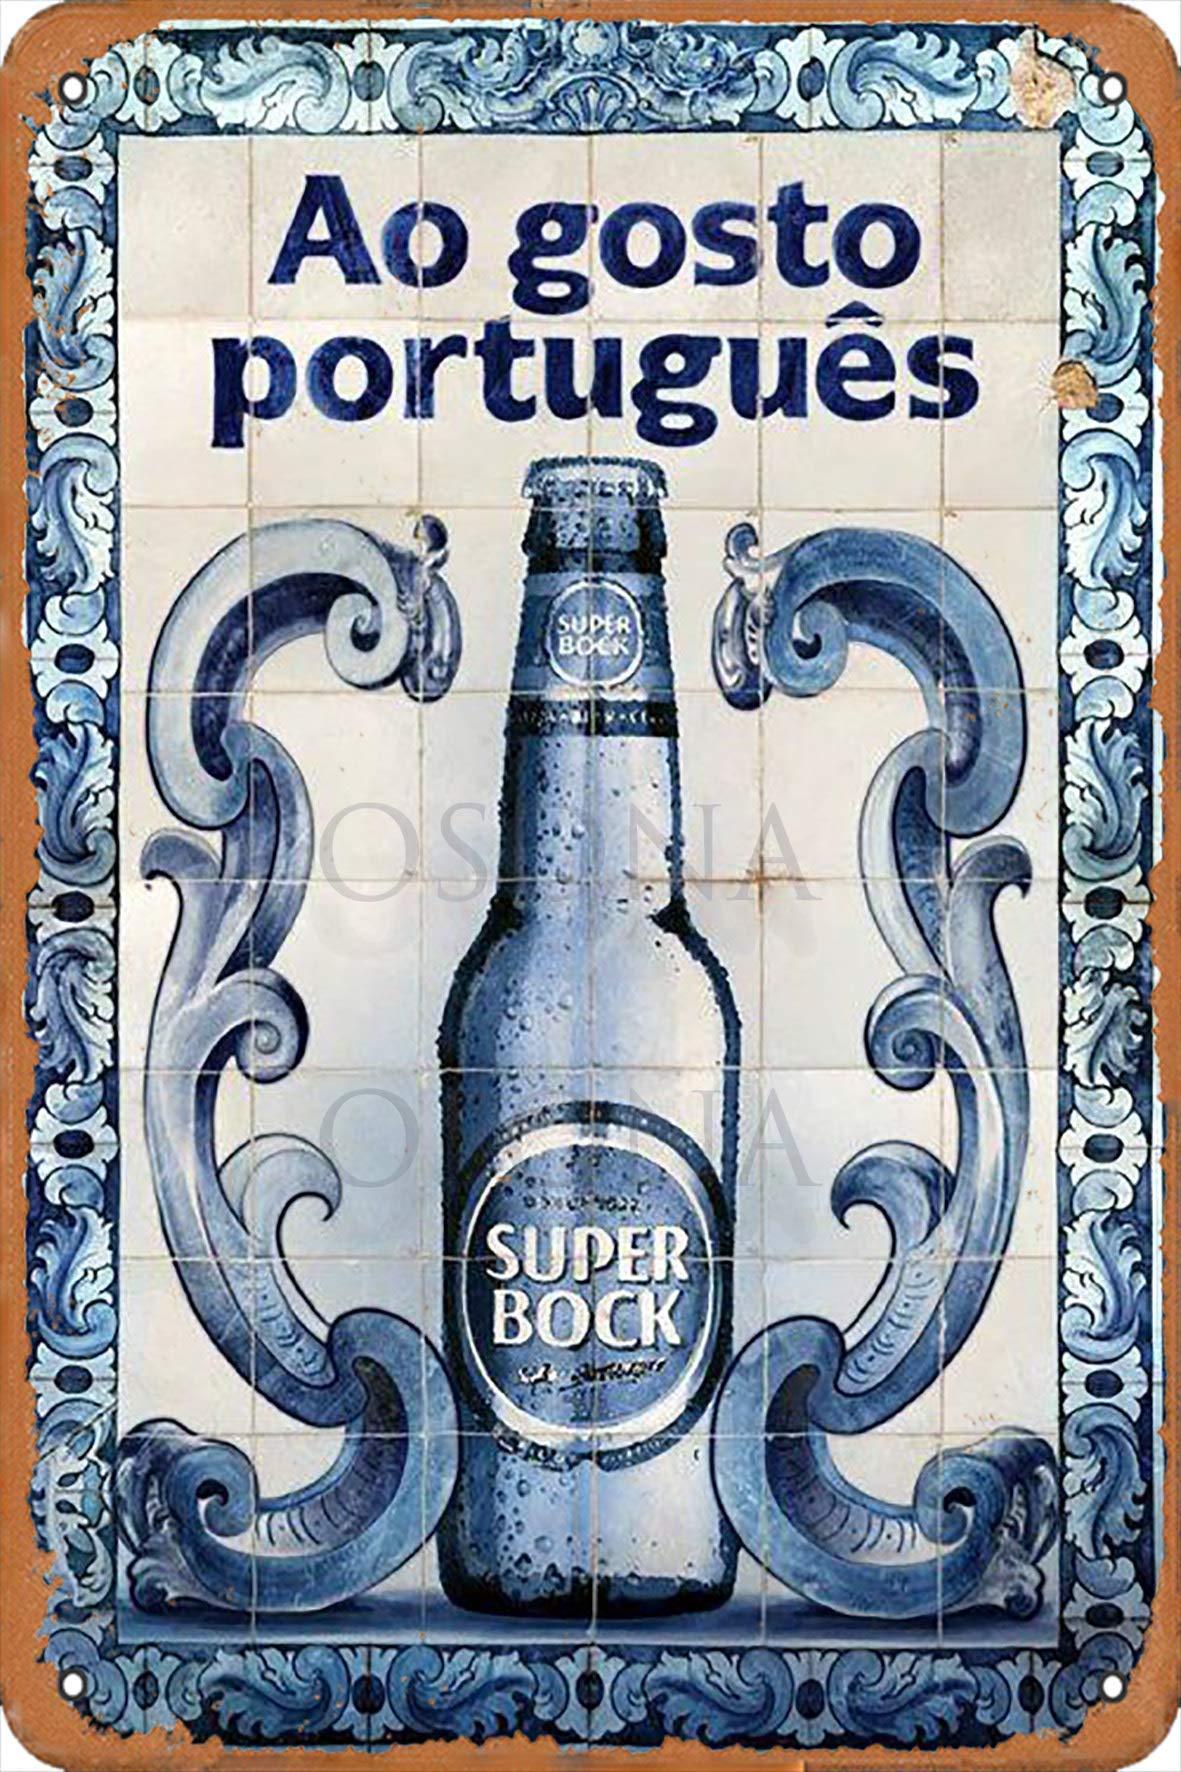 Иллюстрация гоночной серии Super Bock Ao Gosto Portugues, деревенский настенный Декор, металлический жестяной знак, винтажный декор для паба, Забавный